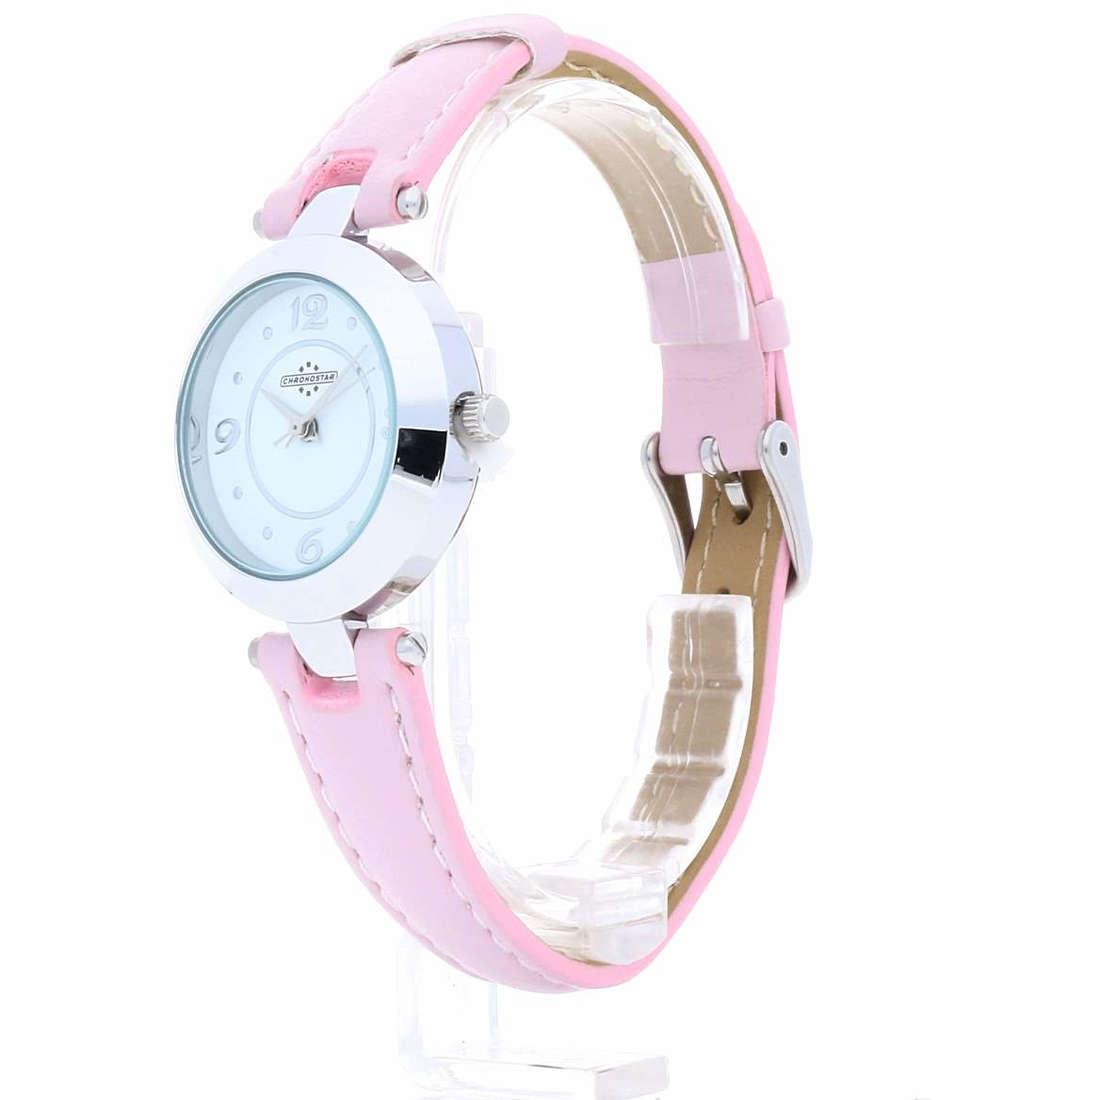 vente montres femme Chronostar R3751243509